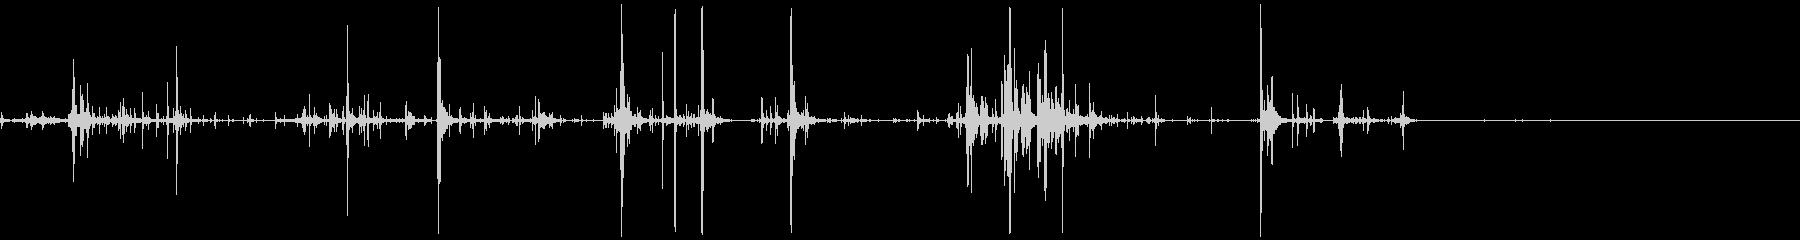 キリキリした摩擦音 6の未再生の波形